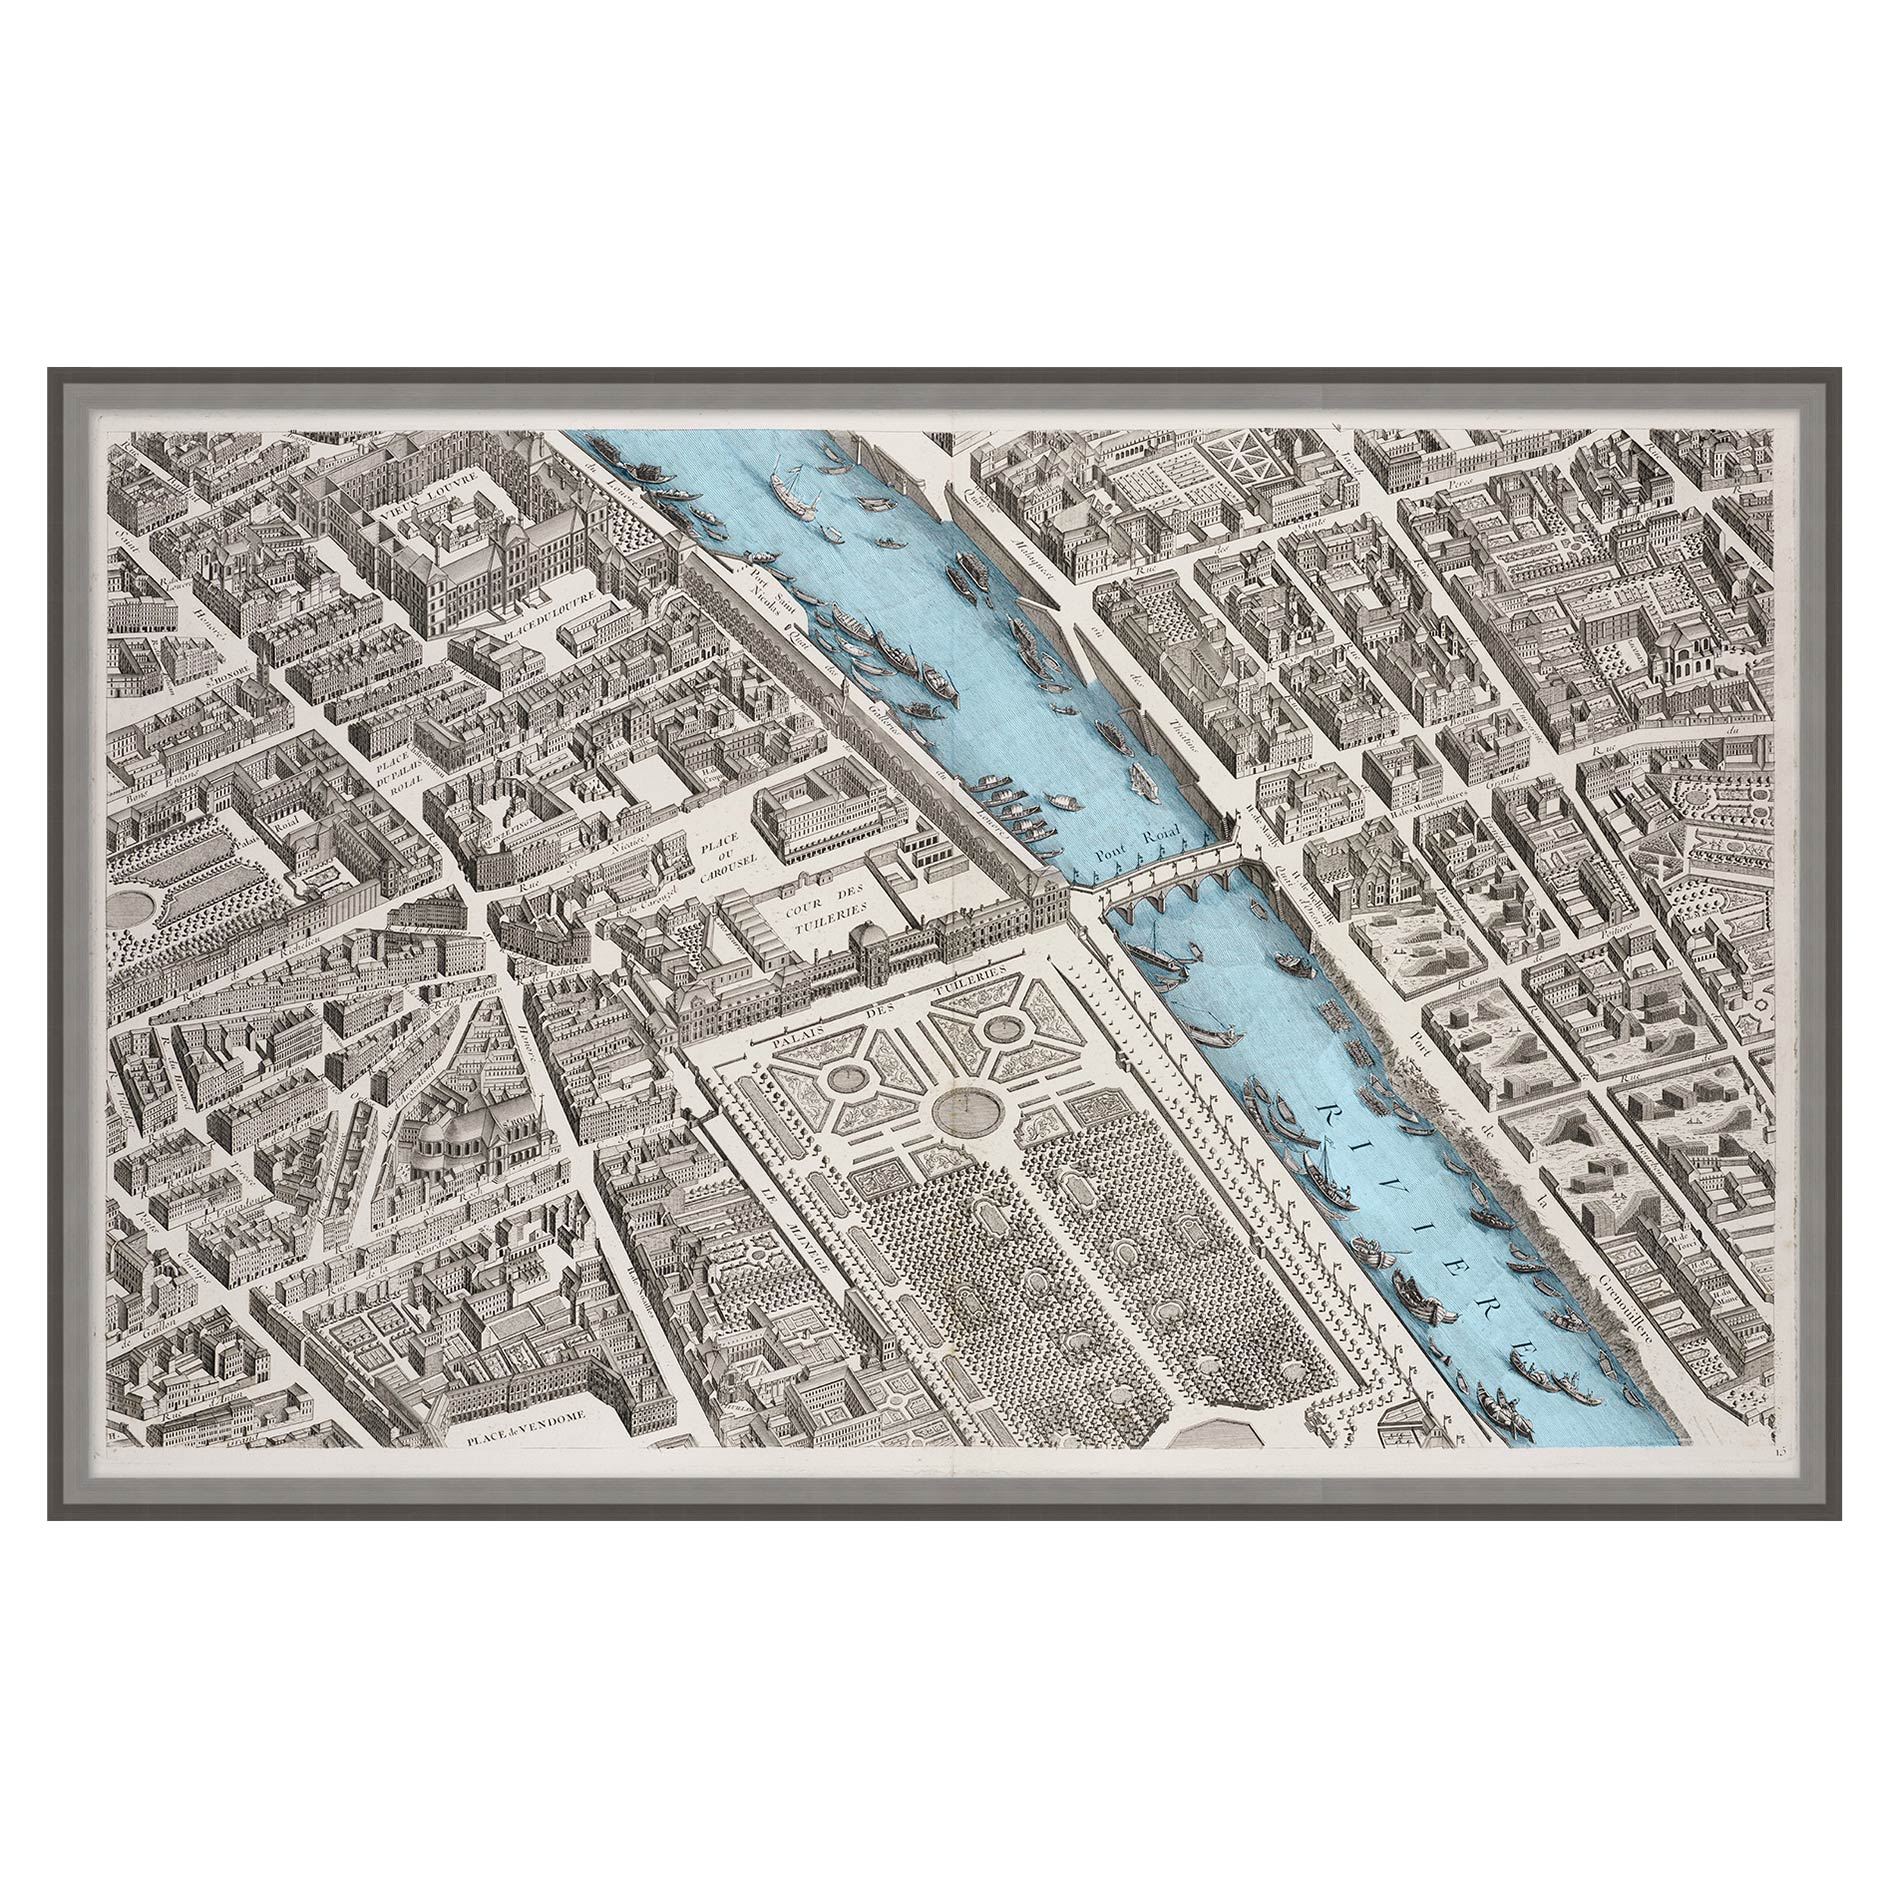 Paris Antique Aerial Matte Map Print  - I